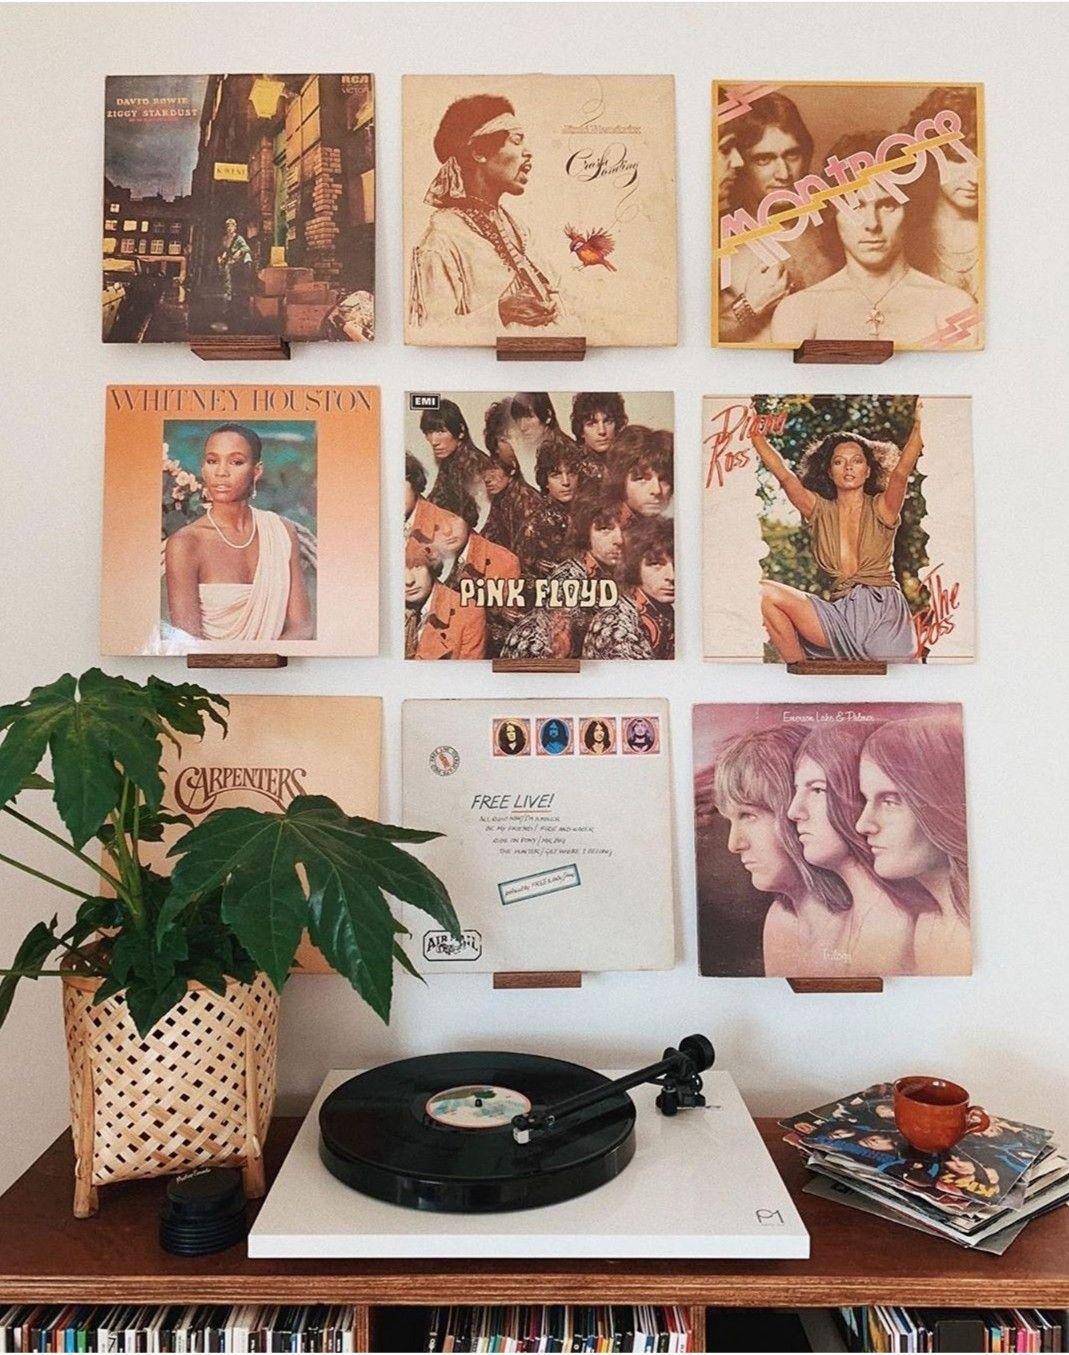 Pin by Evelina Vega on Decorazione   Vintage room decor, Retro ...